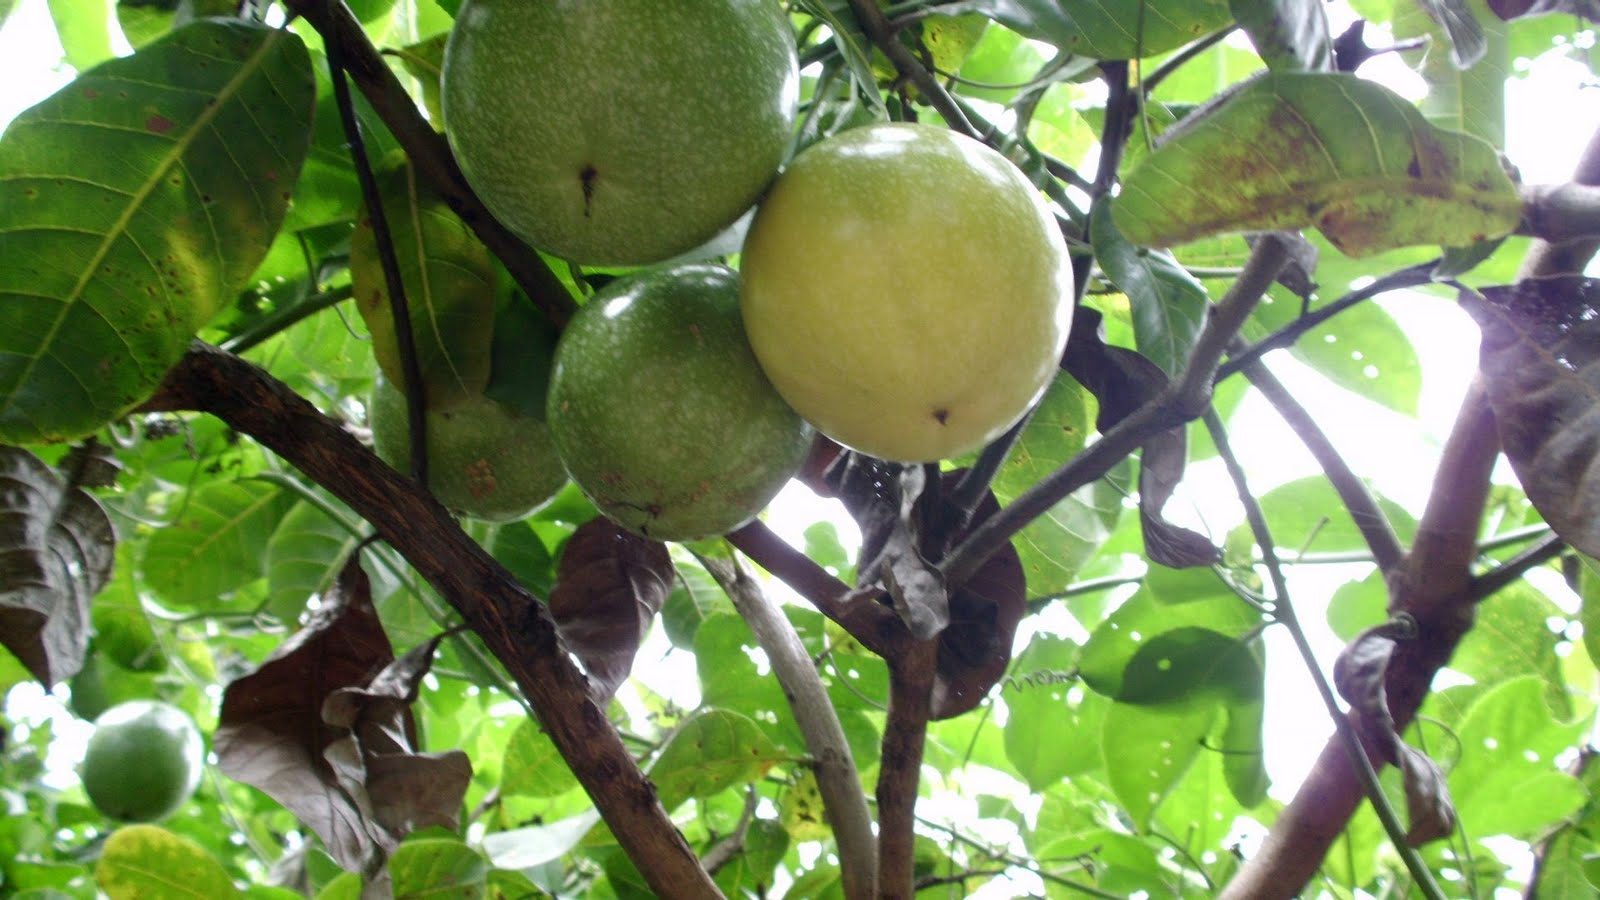 Maracujá (Passiflora edulis)